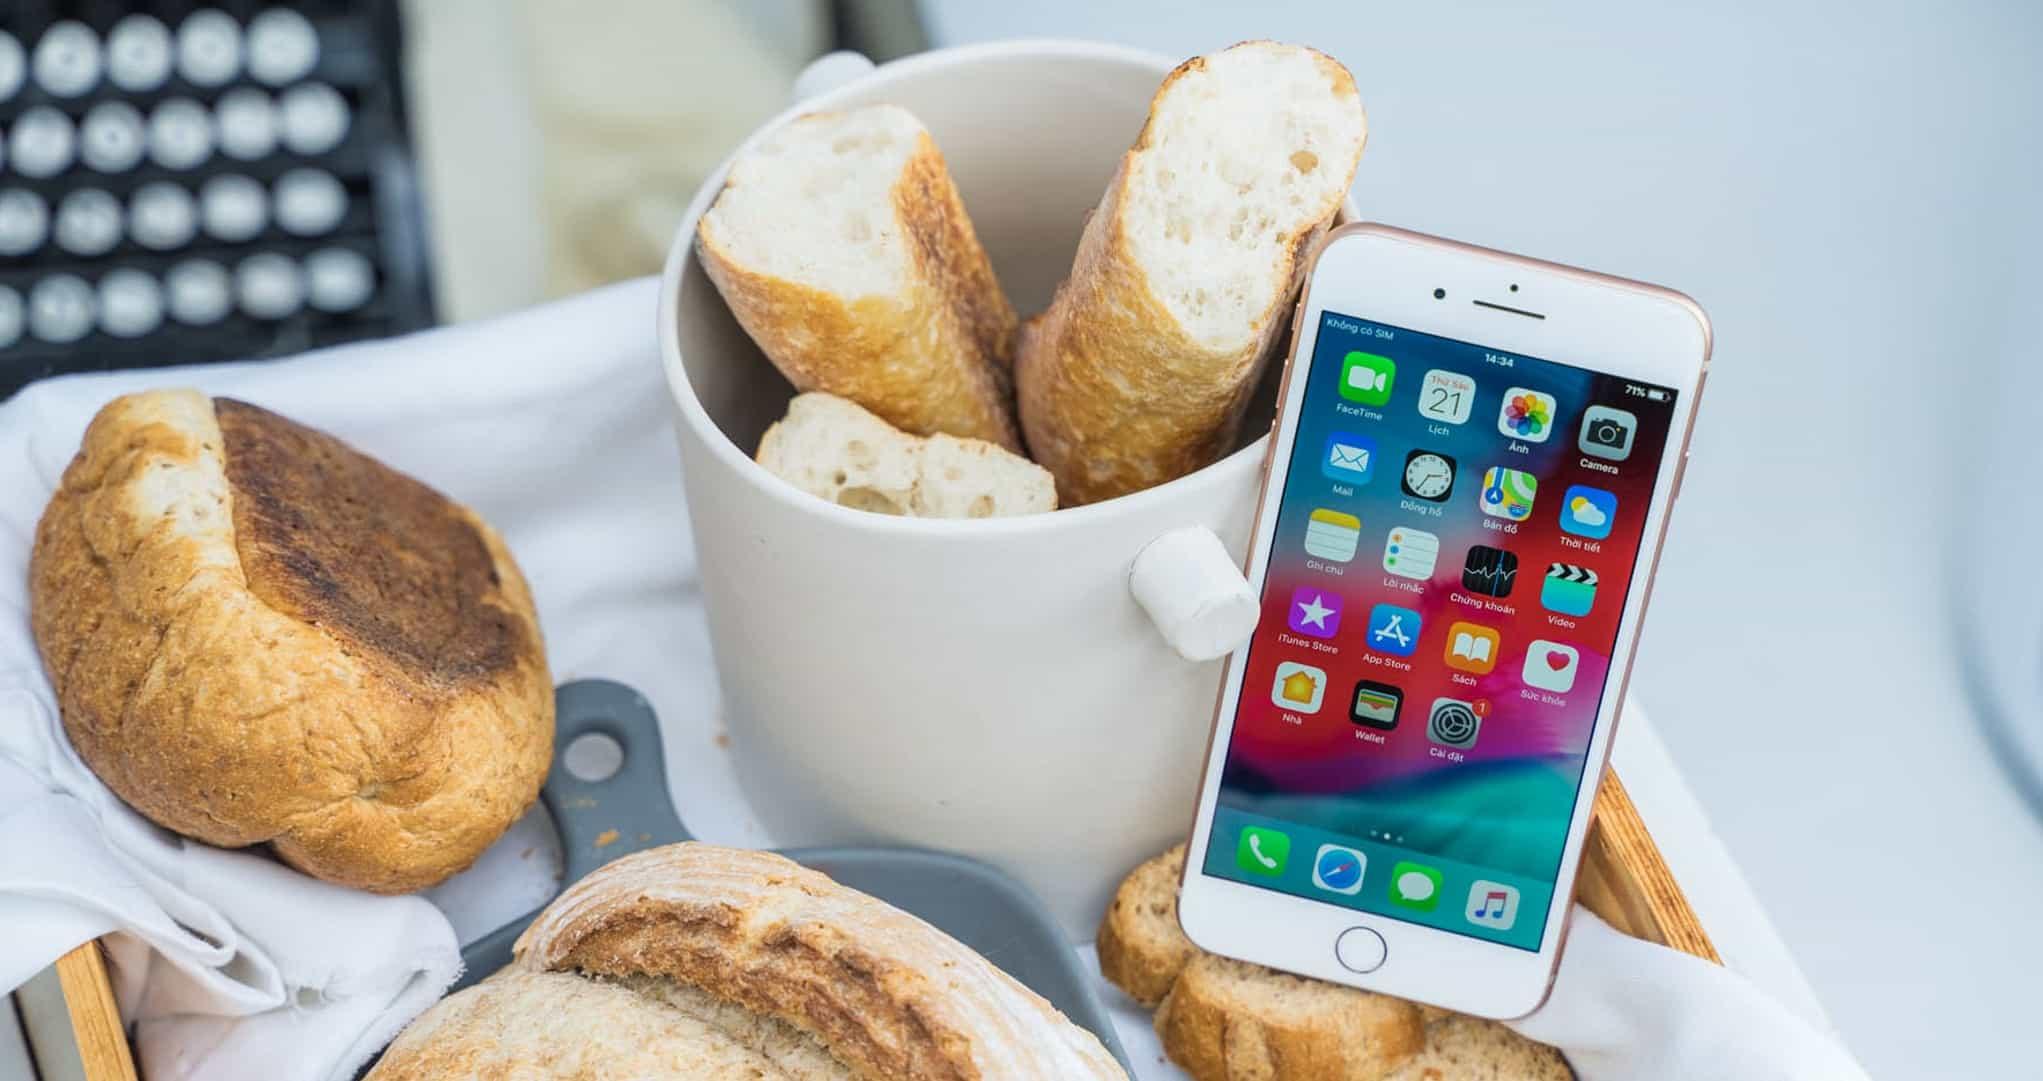 iPhone XR và iPhone 8 Plus: Bạn thích tai thỏ hiện đại hay phím home màn hình truyền thống? - 6